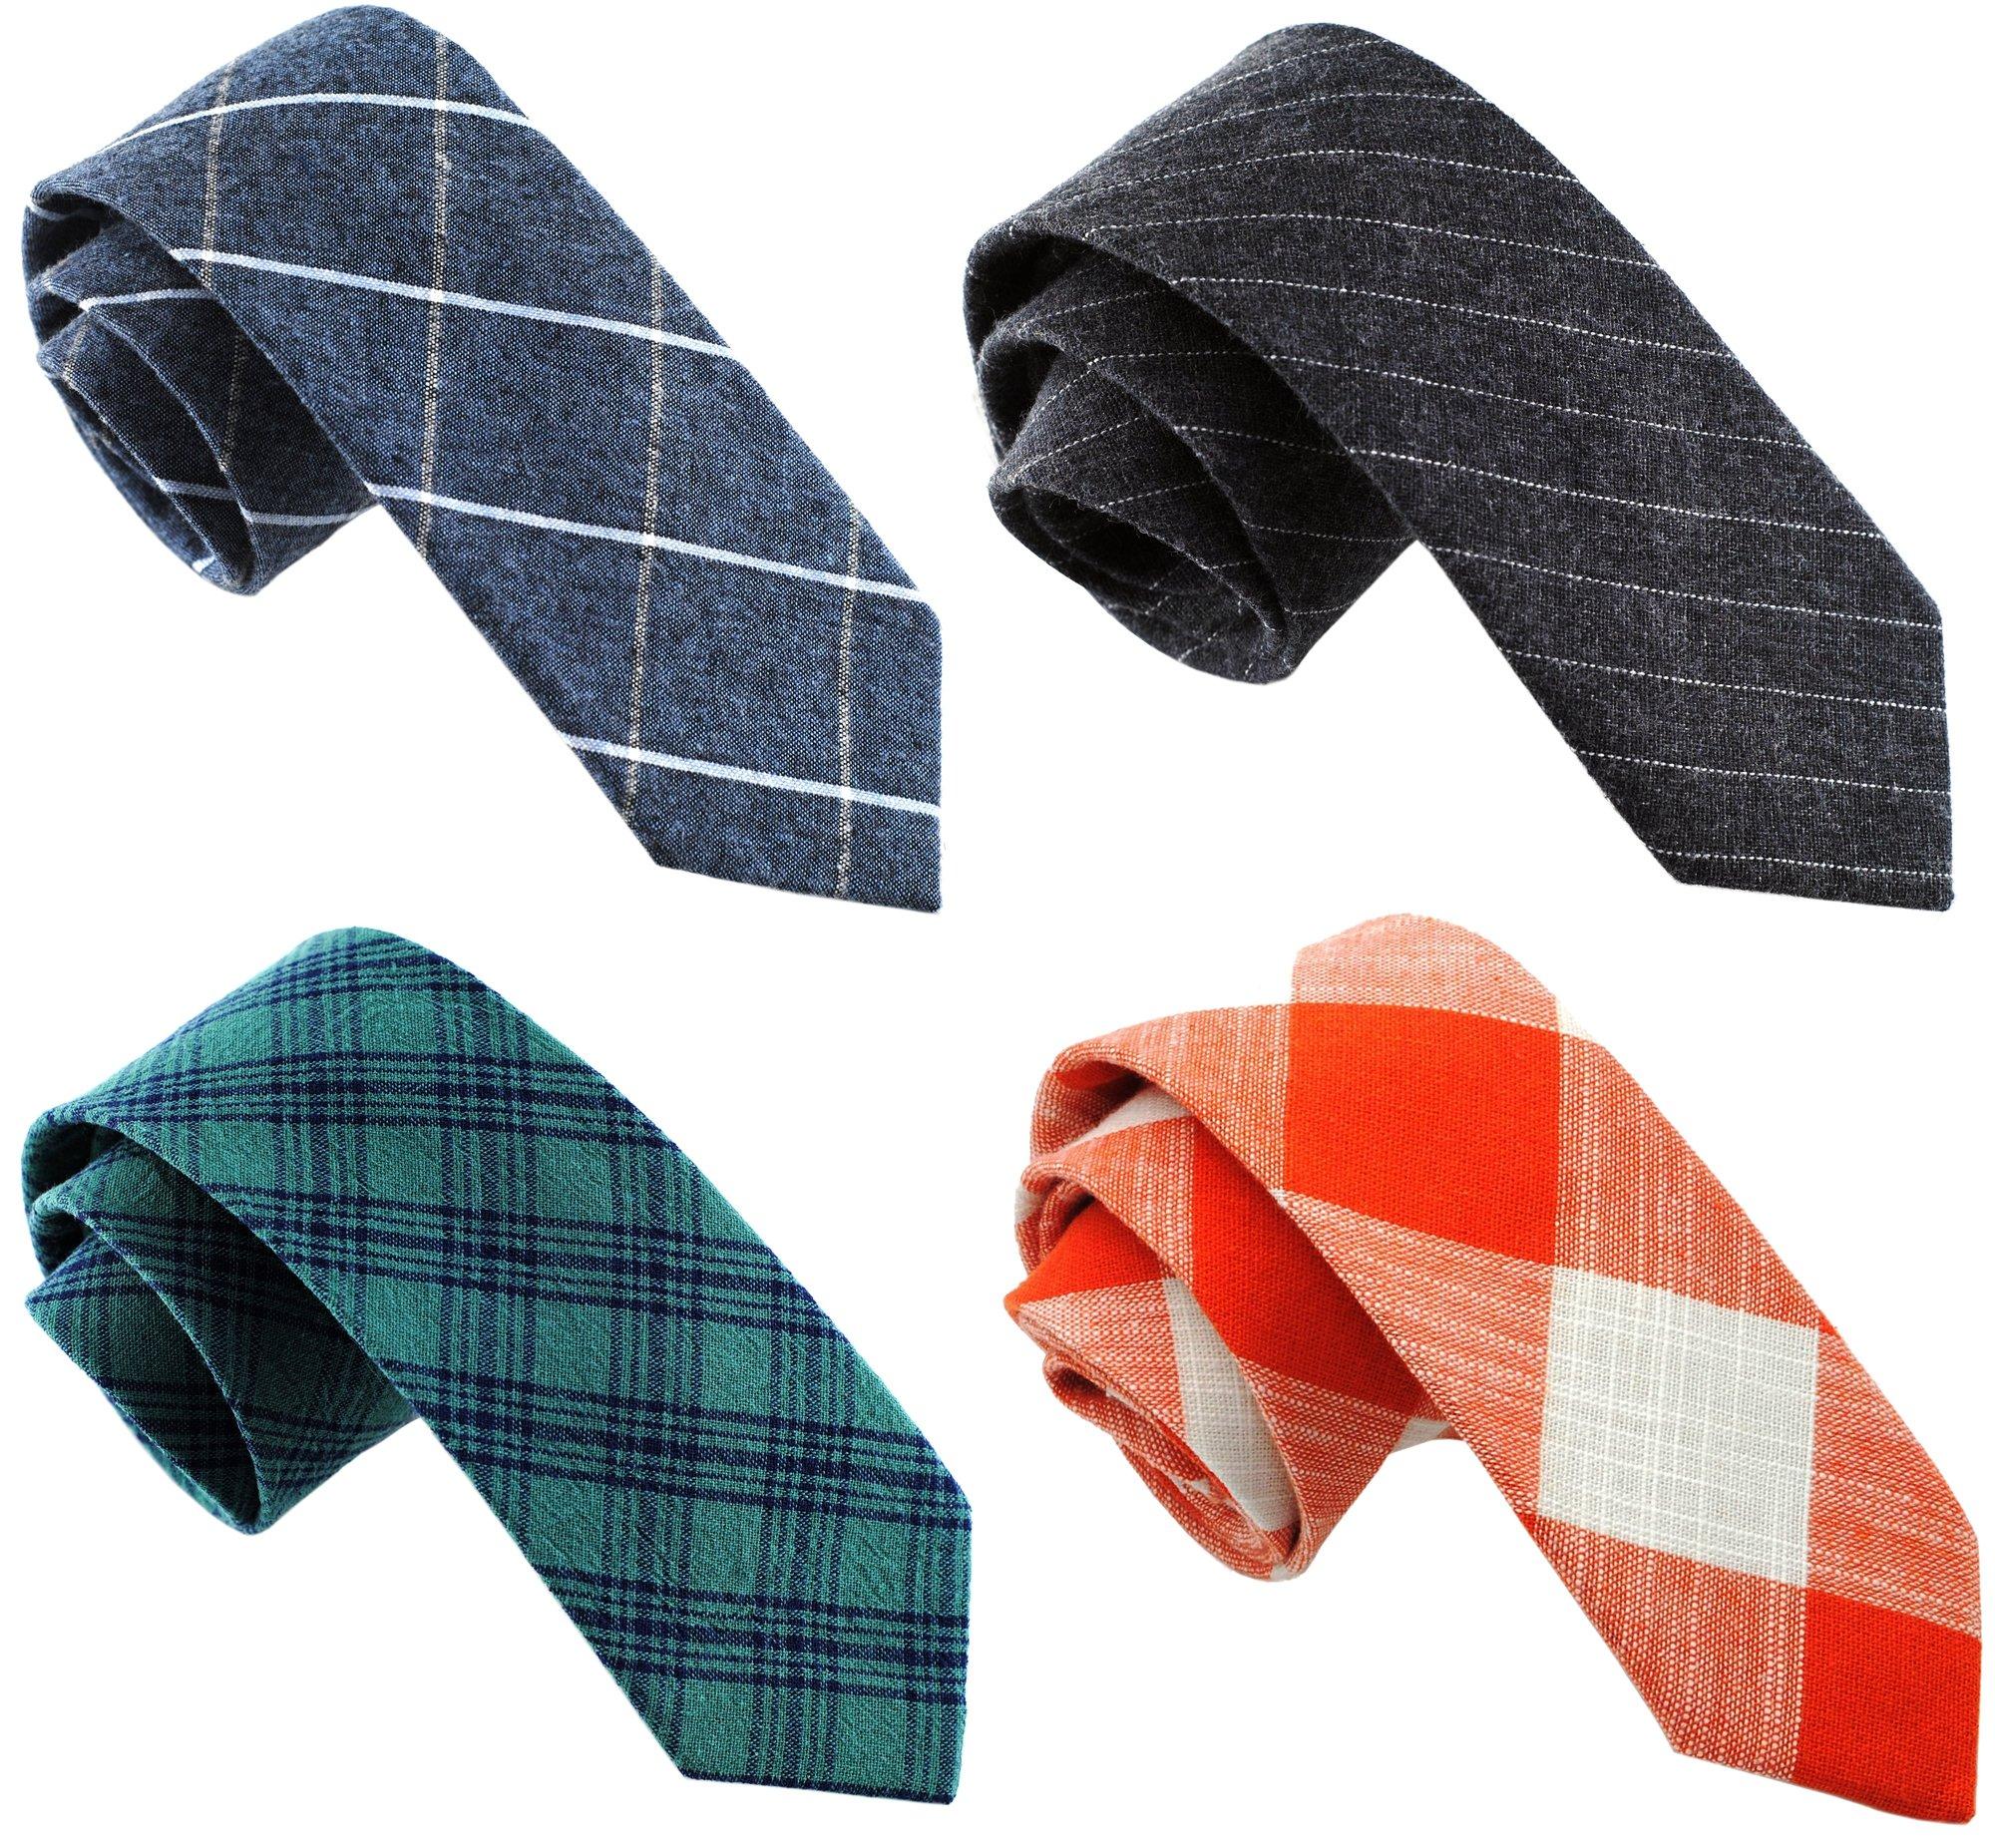 Zenxus Casual Skinny Necktie Slim Cotton Ties 4-pack TG-001